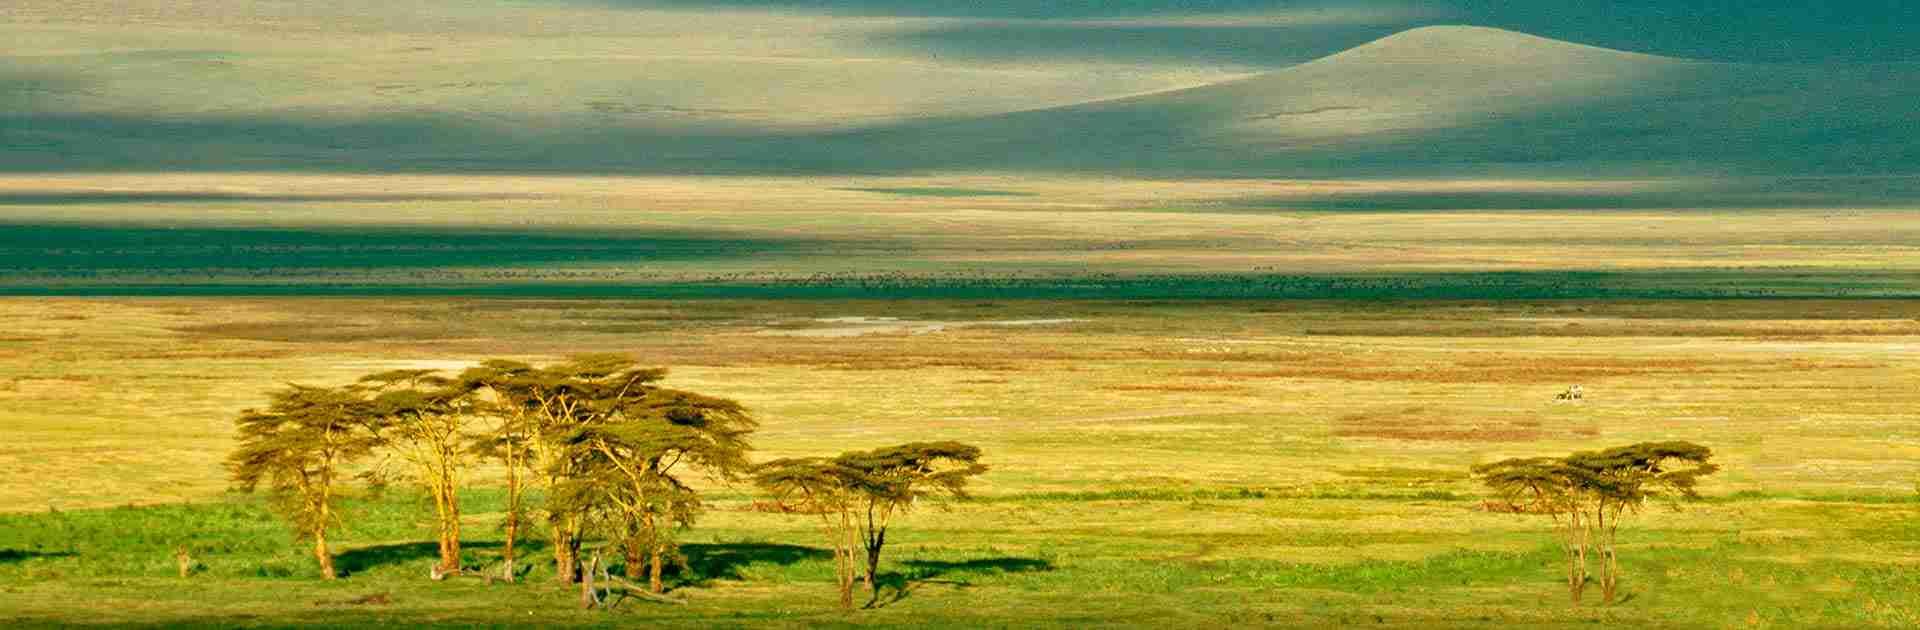 Cratère du N'Gorongoro en Tanzanie